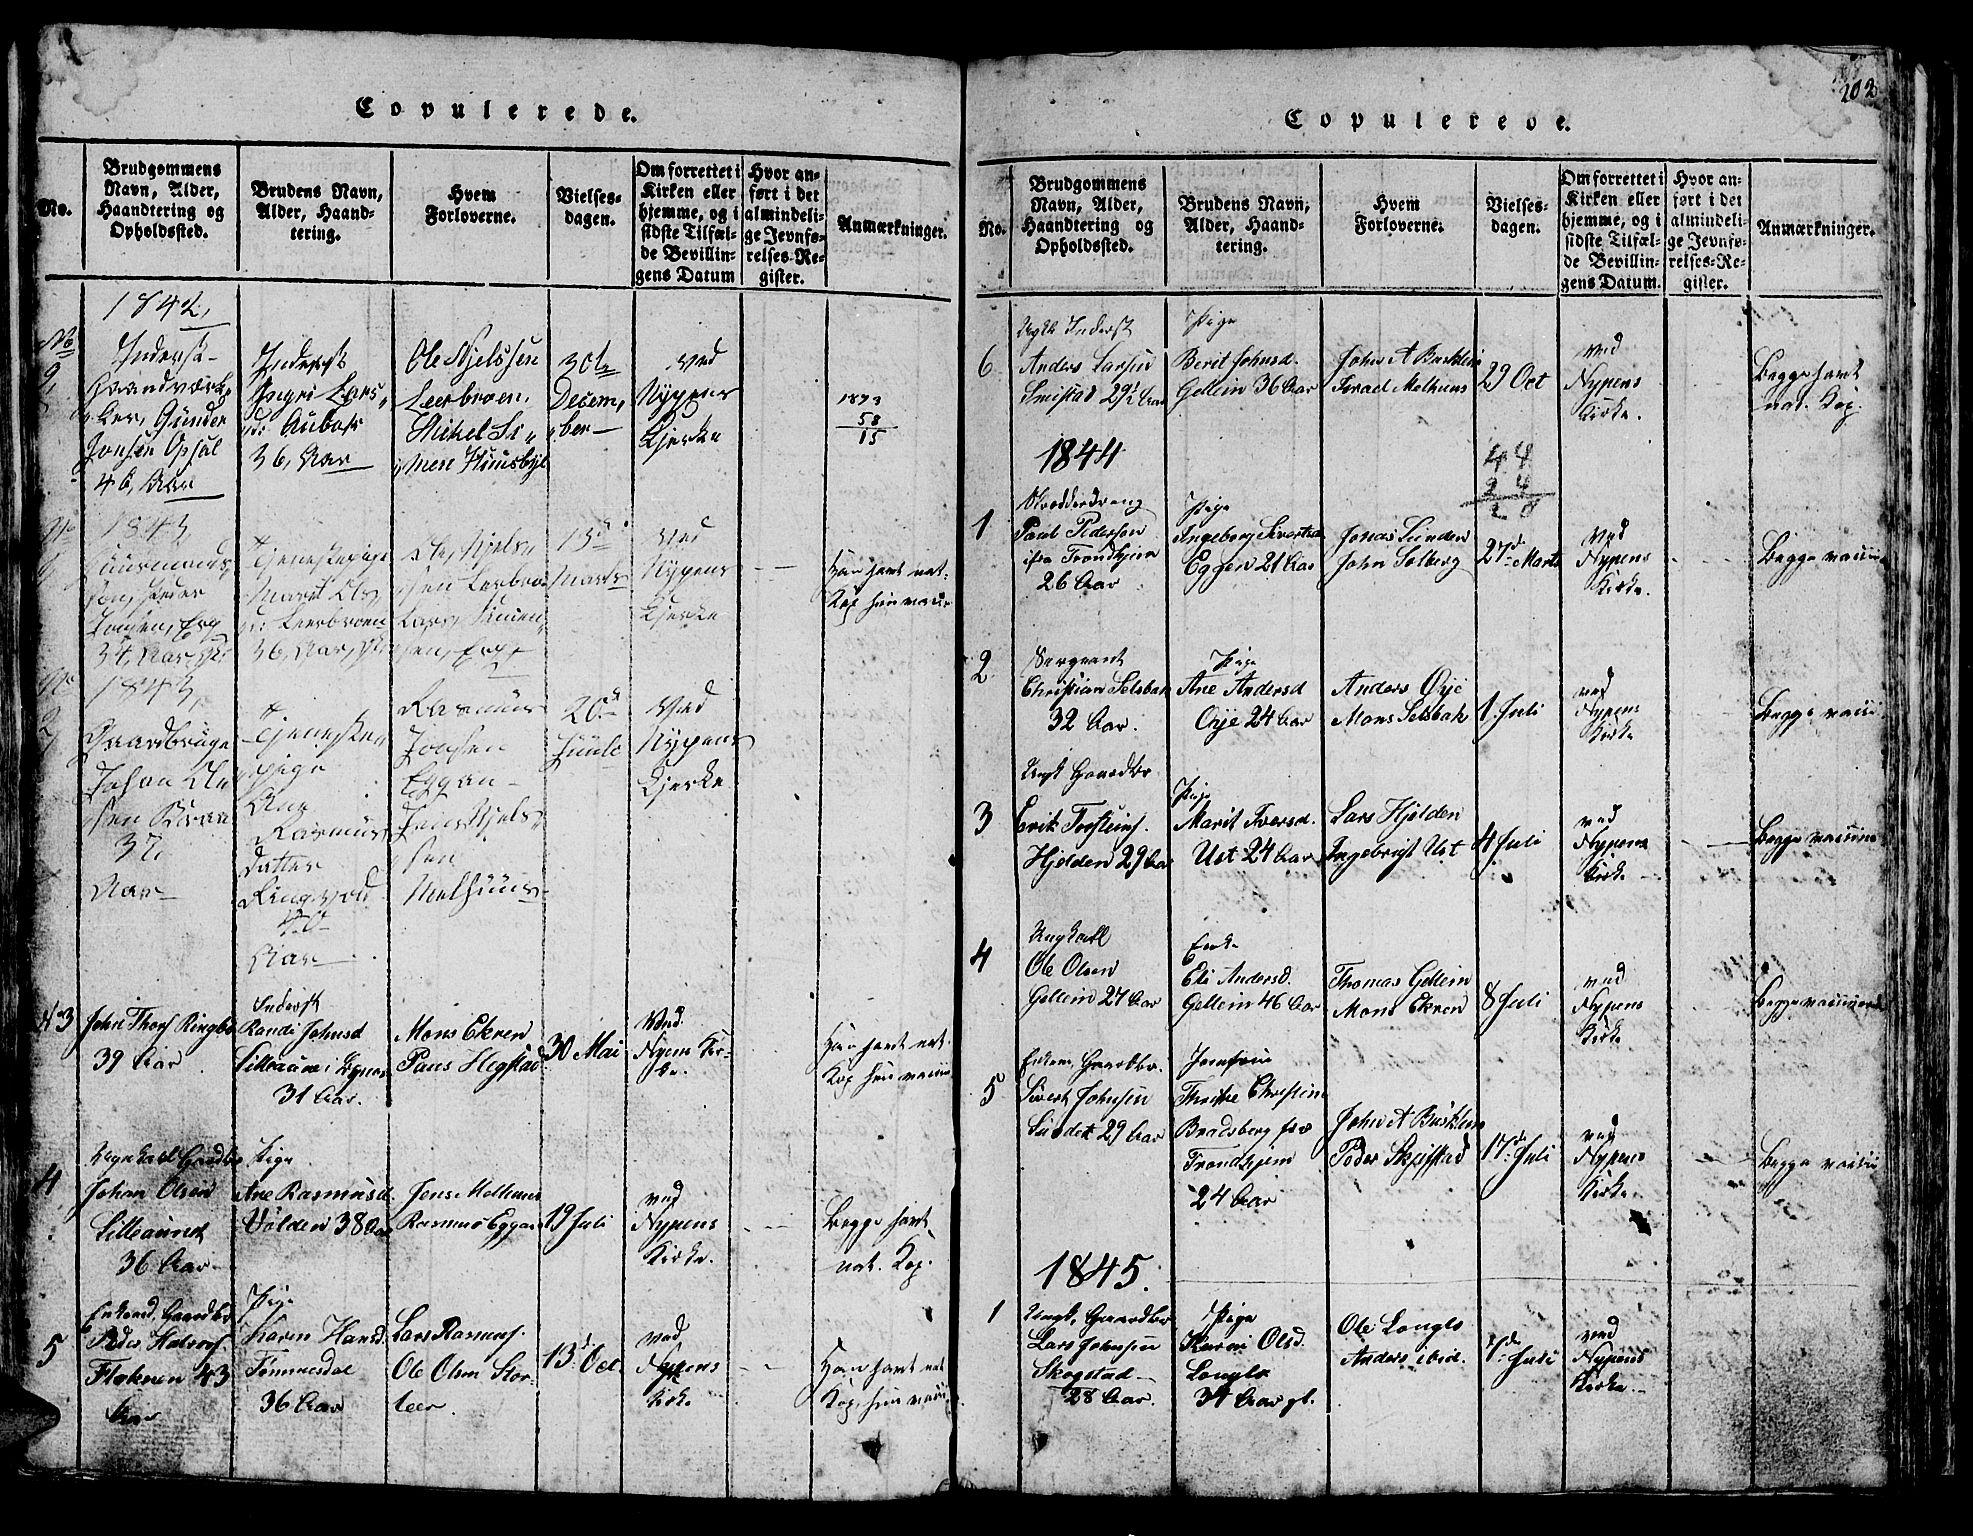 SAT, Ministerialprotokoller, klokkerbøker og fødselsregistre - Sør-Trøndelag, 613/L0393: Klokkerbok nr. 613C01, 1816-1886, s. 202